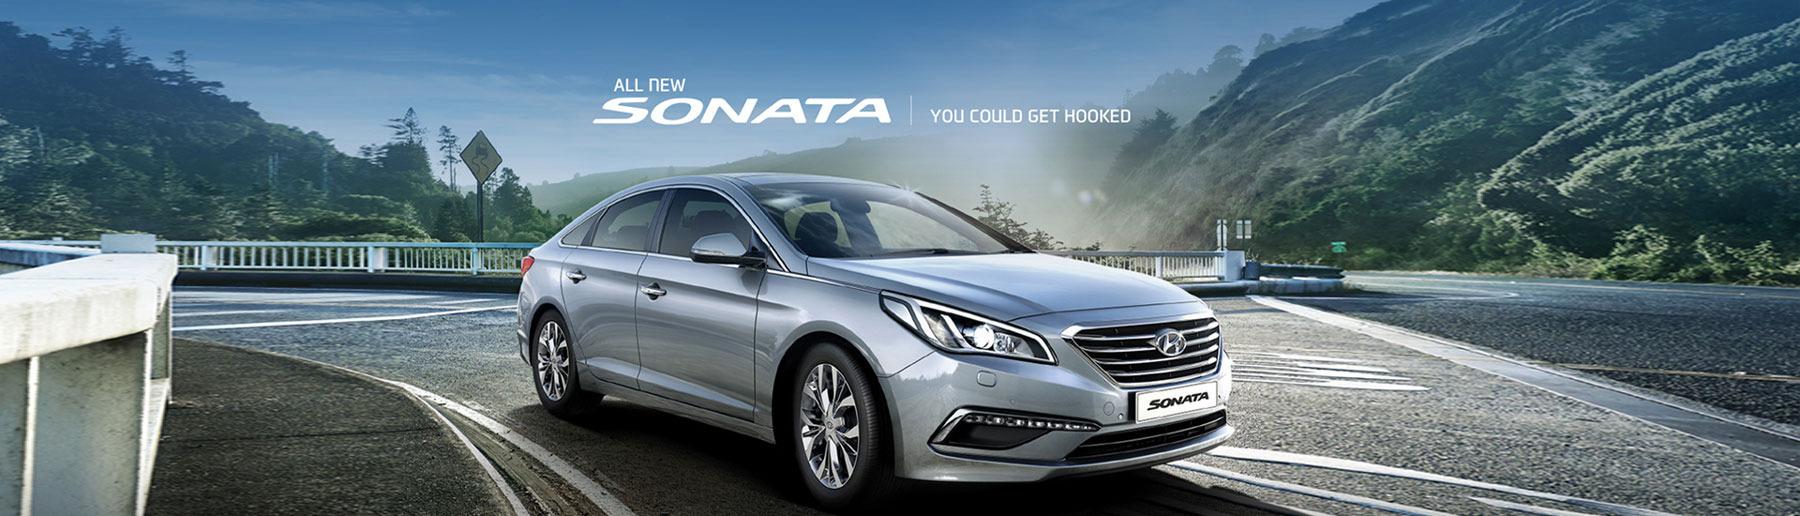 Hyundai Sonata | Blood Hyundai Sonata